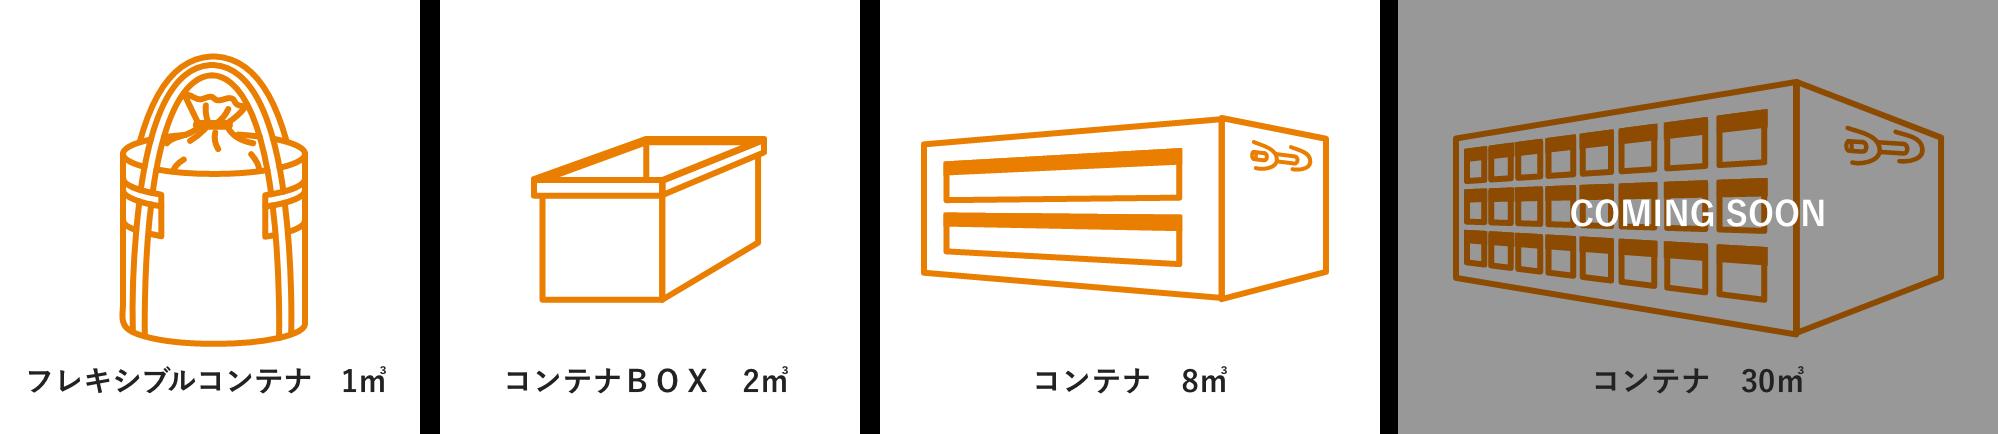 フレキシブルコンテナ 1㎥/コンテナBOX 2㎥/コンテナ 8㎥/コンテナ 30㎥